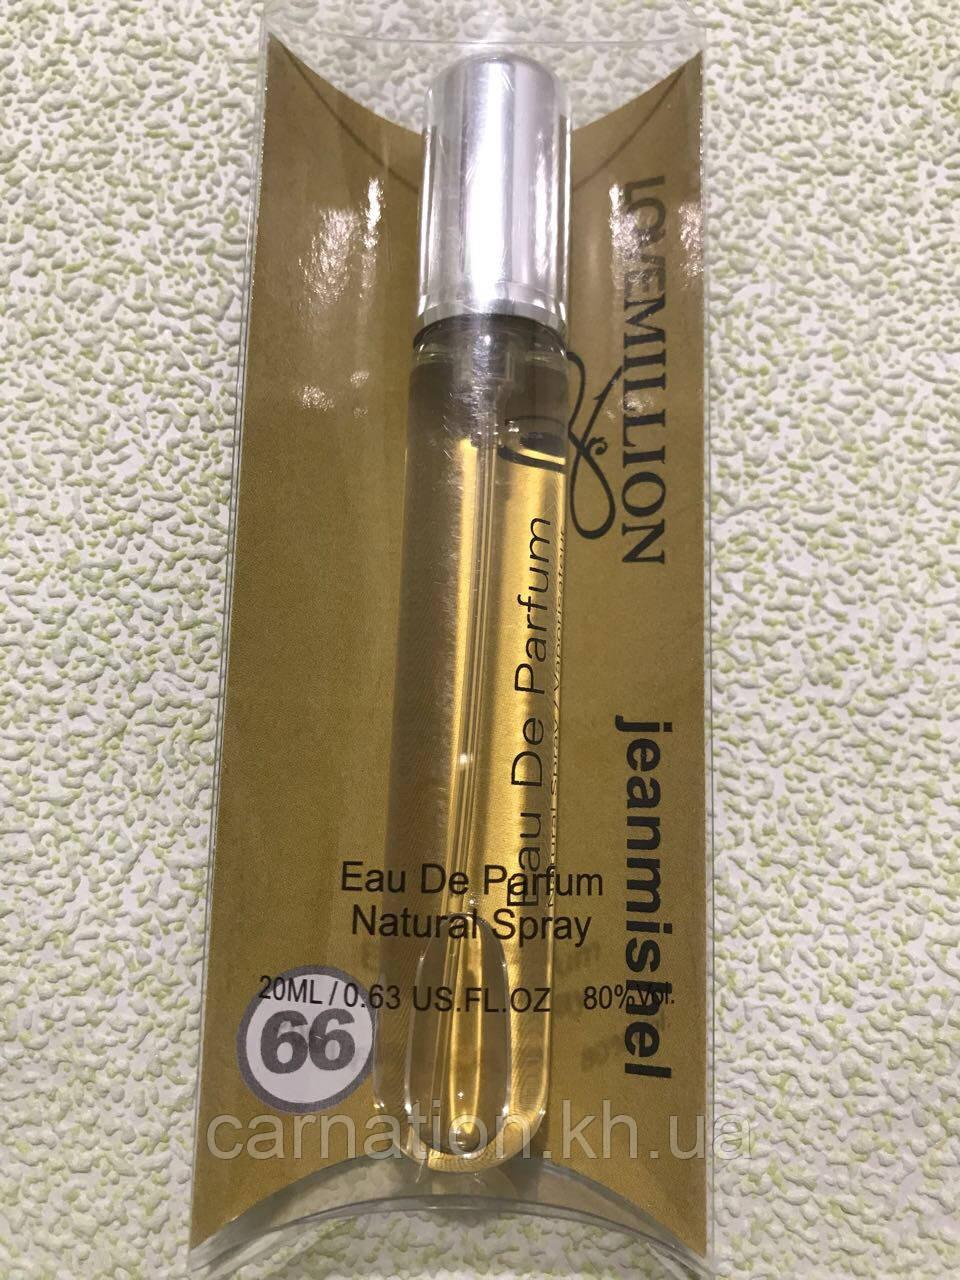 Чоловічий парфум ручка LoveMillion Jeanmishel 20 мл